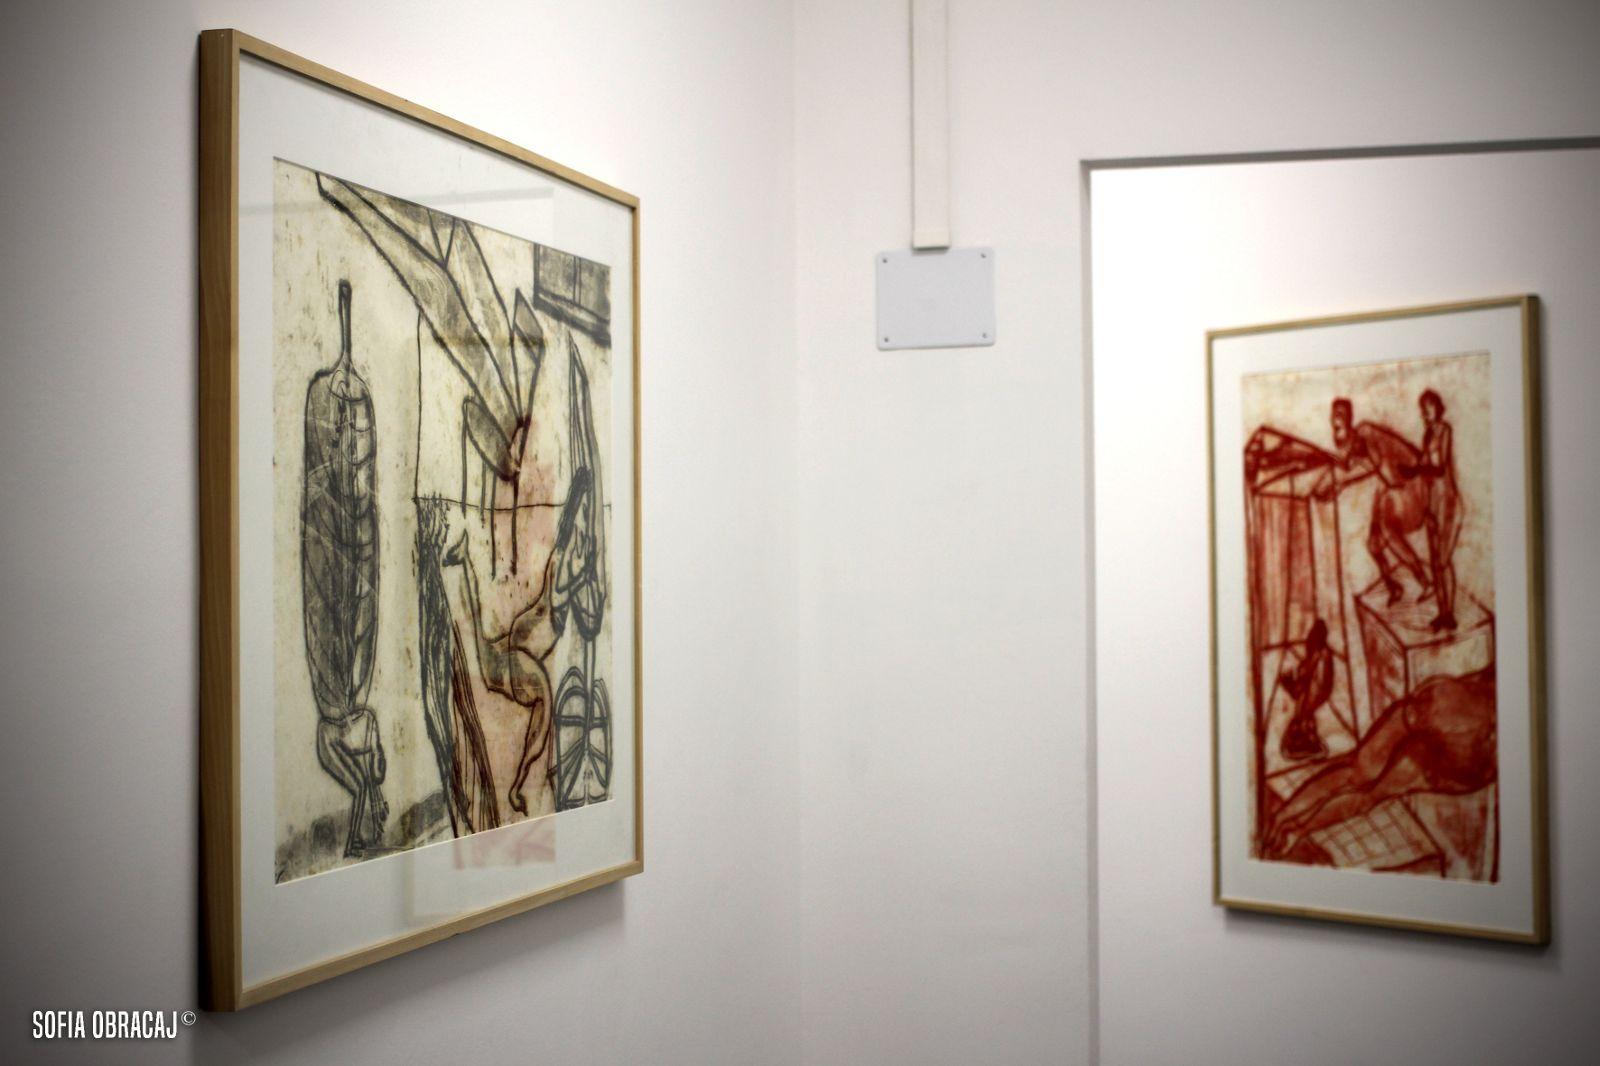 Disegni di martin Disler in mostra presso lo Studio d'Arte Cannaviello, ph. Sofia Obracaj